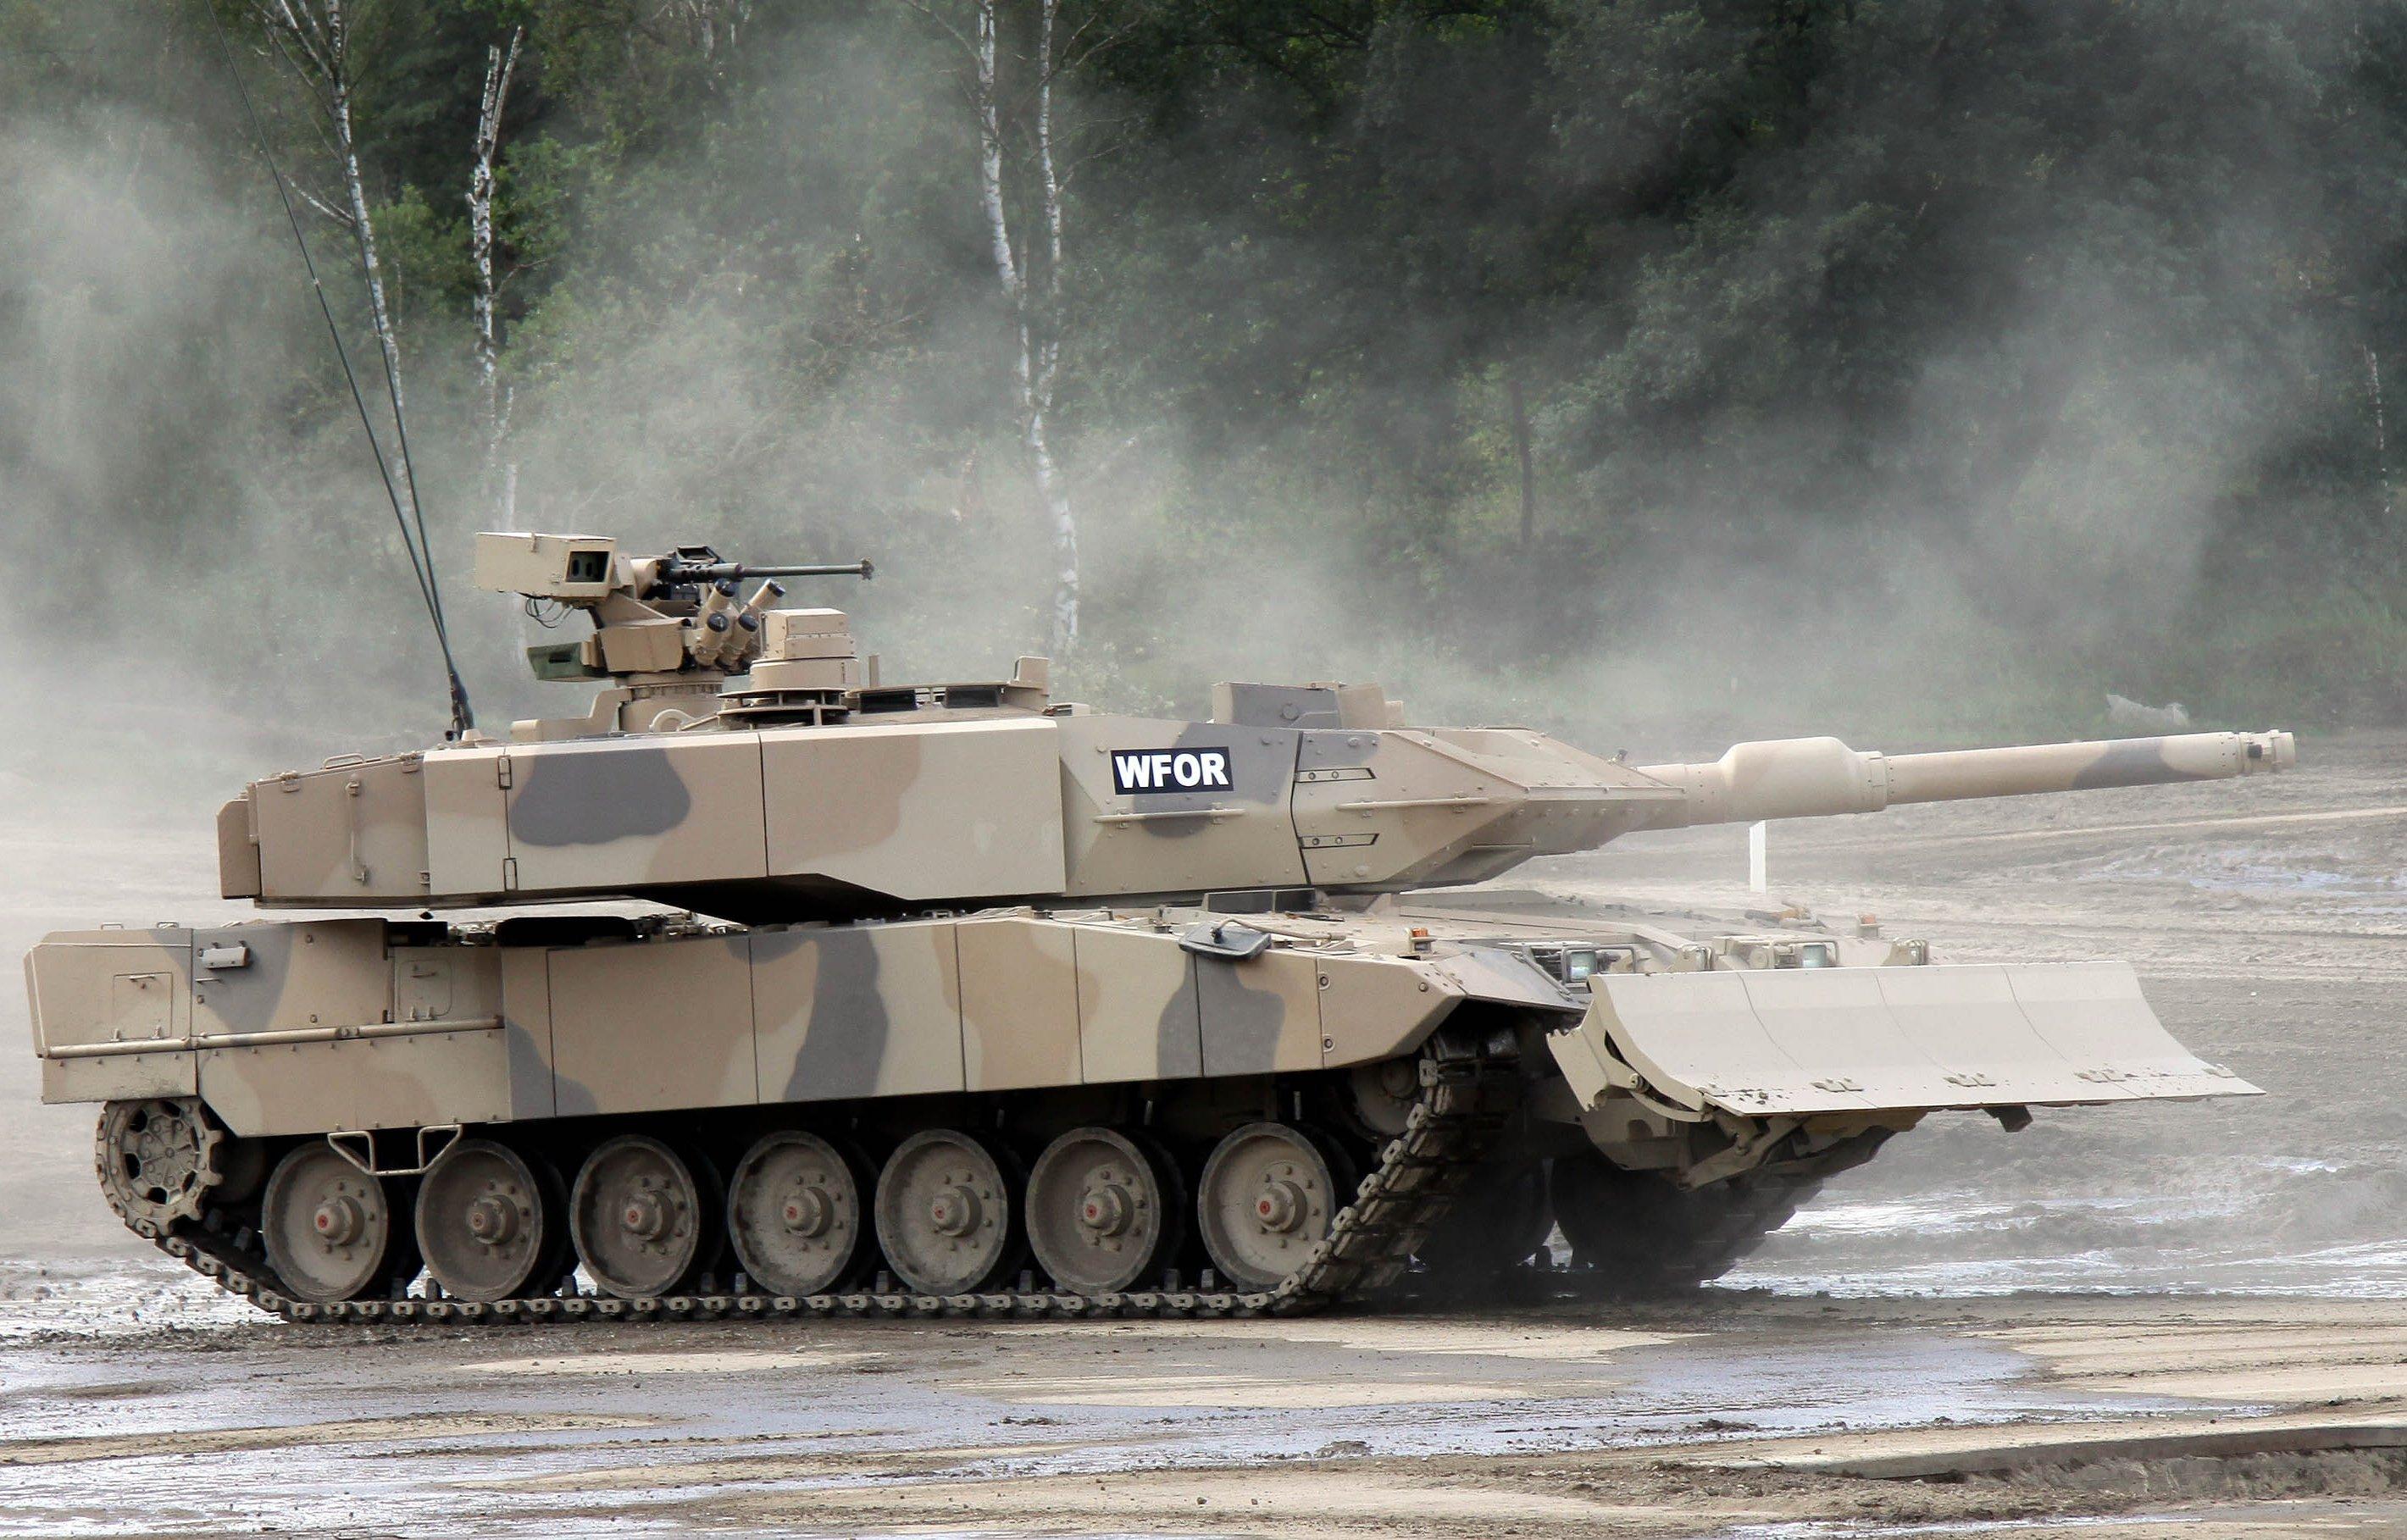 Kampfpanzer Leopard: Allein in den ersten vier Monaten 2014 gingen Rüstungsgüter für fast 650 Millionen Euro in Drittstaaten. Laut Bundeswirtschaftsminister Sigmar Gabriel wurden die Exporte schon vor Jahren genehmigt, so dass er sie nicht mehr stoppen kann.